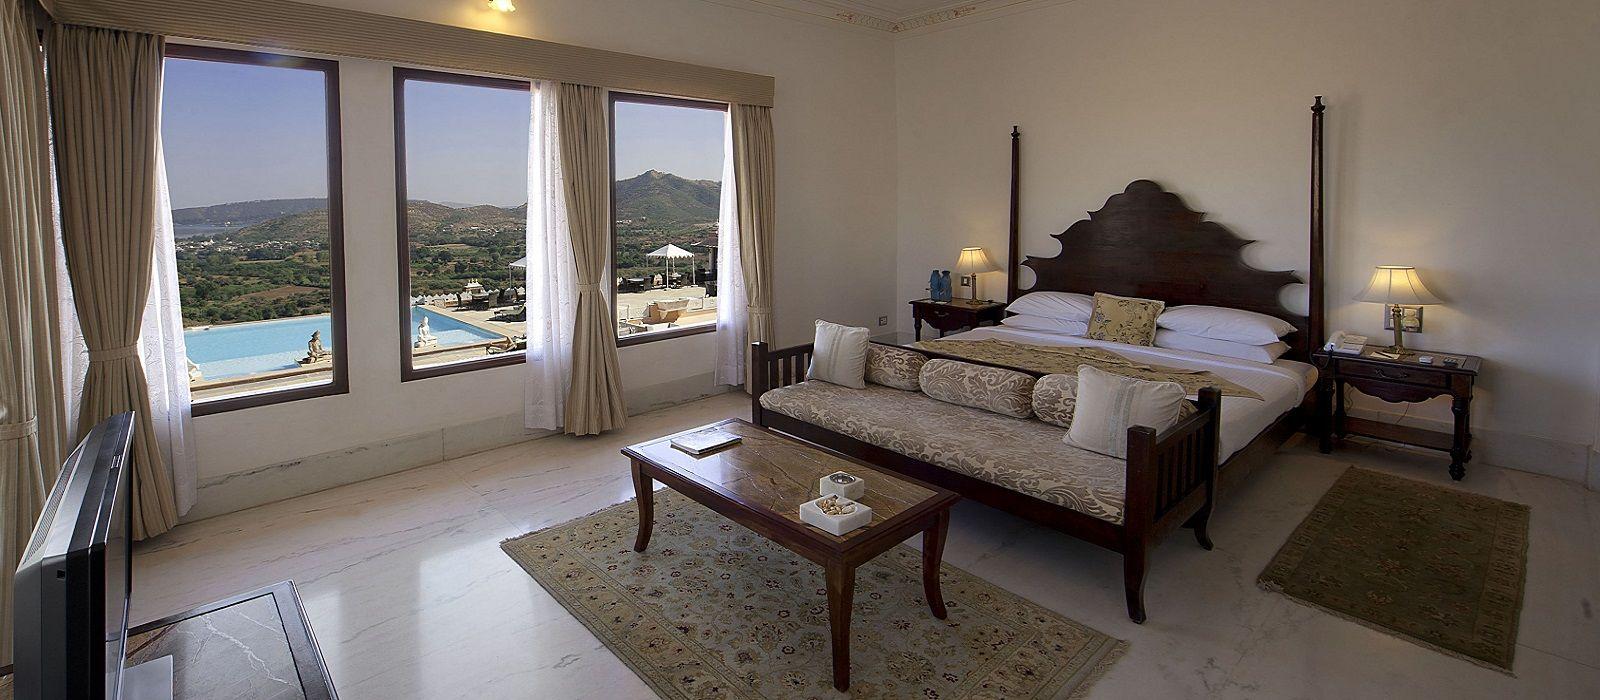 Hotel Fateh Garh North India